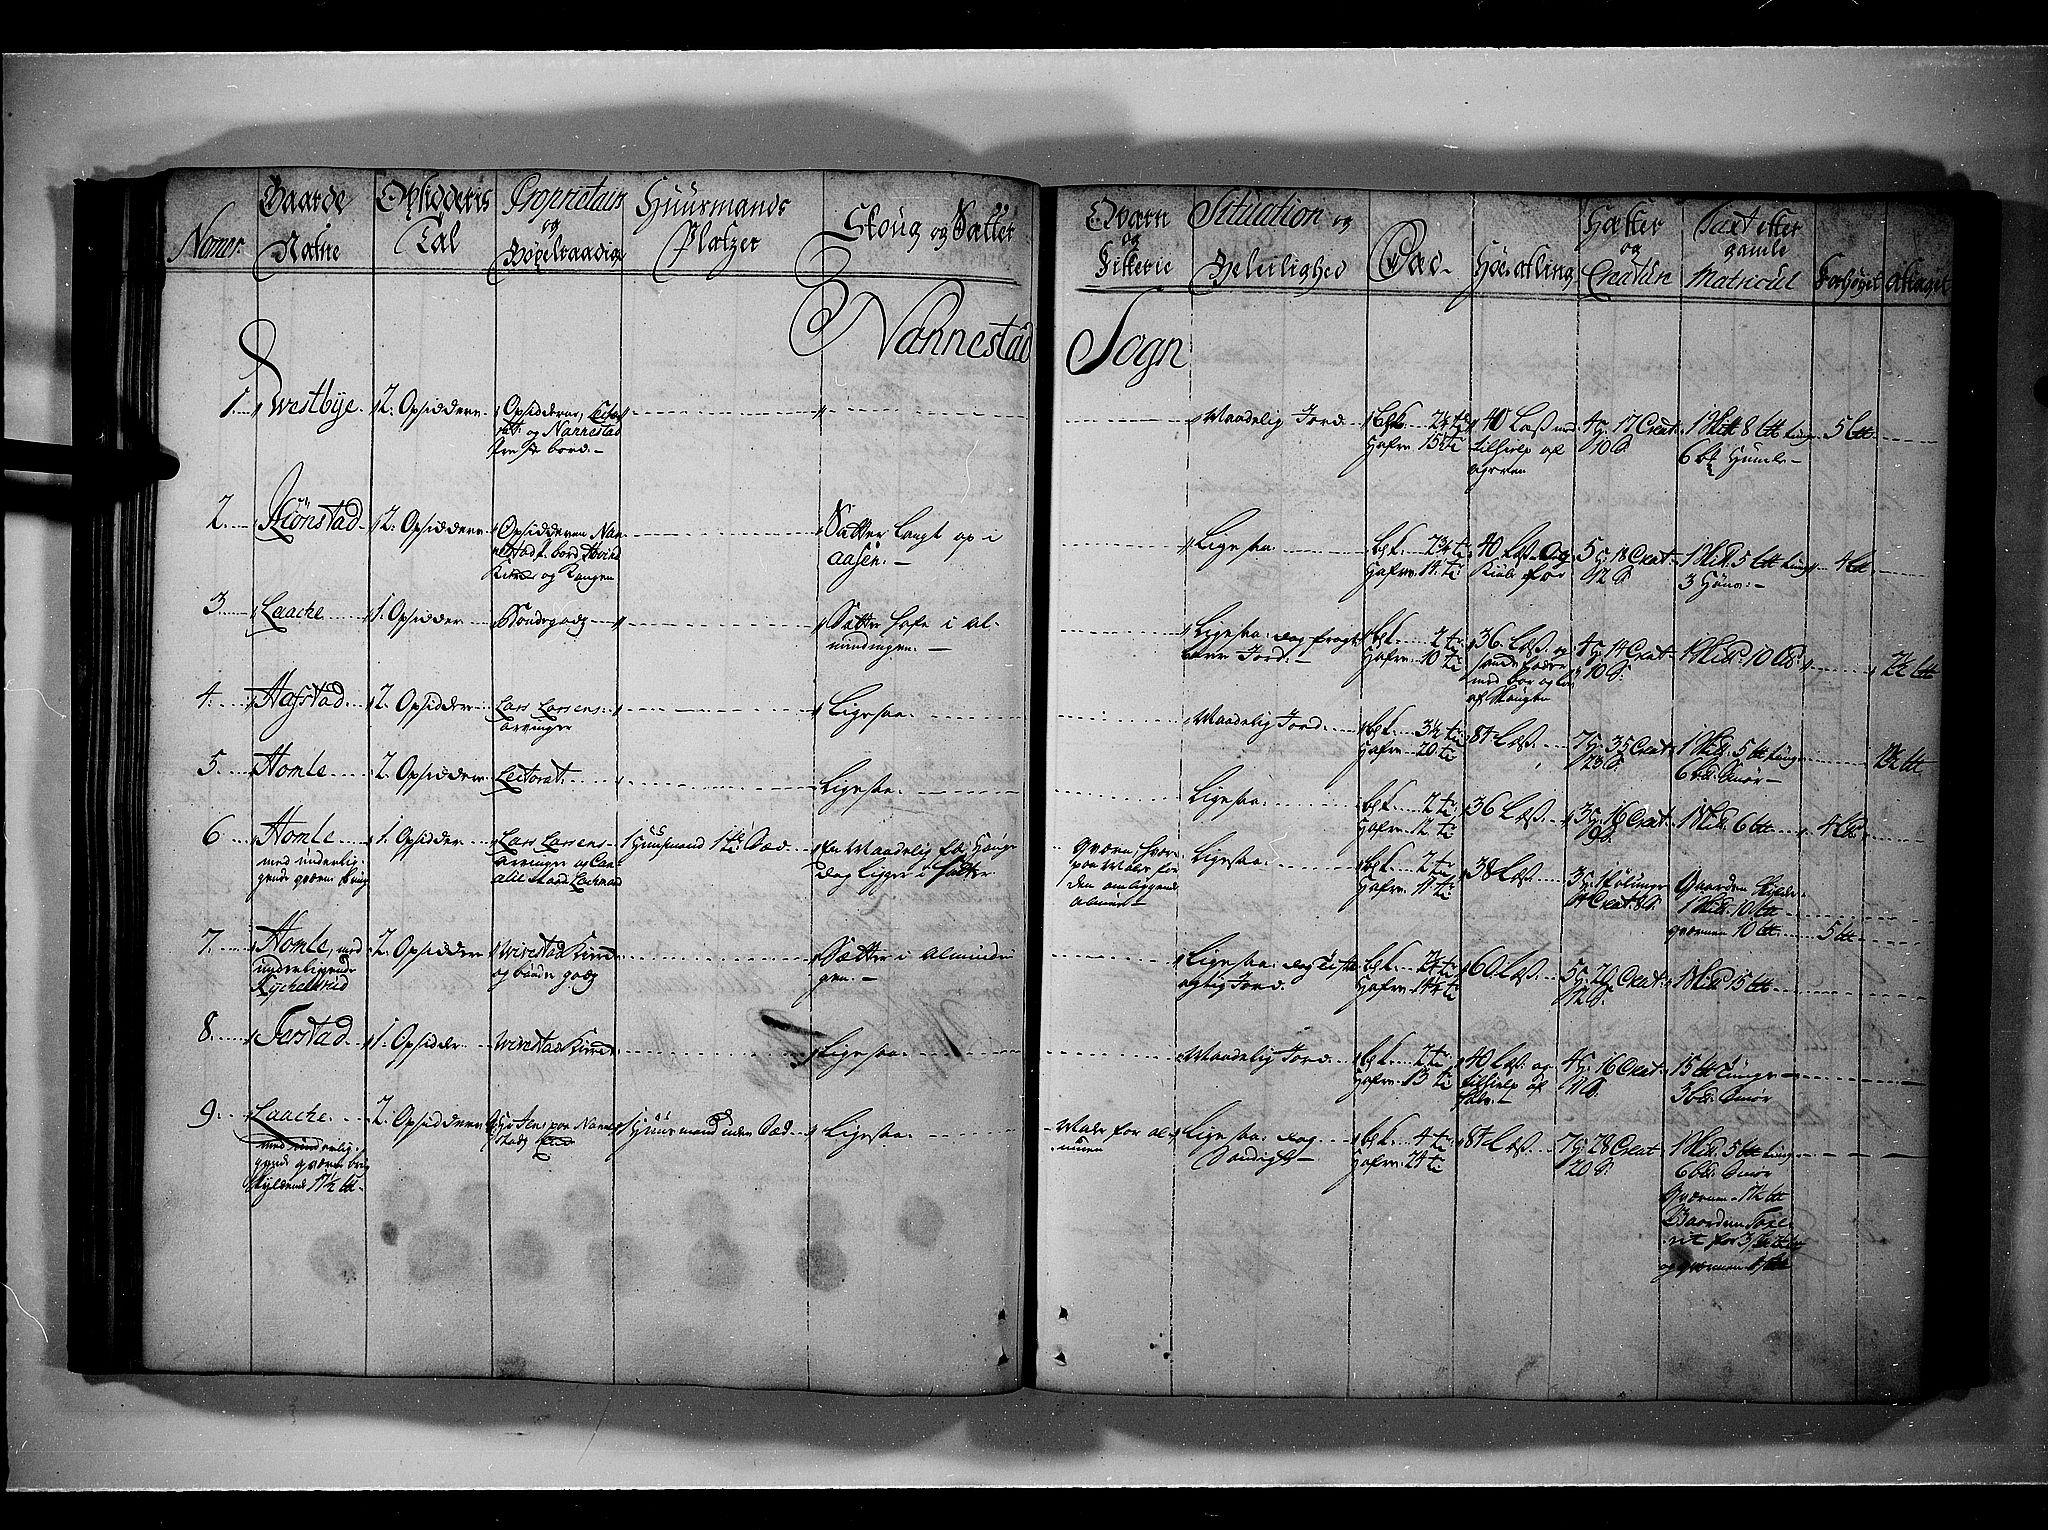 RA, Rentekammeret inntil 1814, Realistisk ordnet avdeling, N/Nb/Nbf/L0093: Øvre Romerike eksaminasjonsprotokoll, 1723, s. 63b-64a